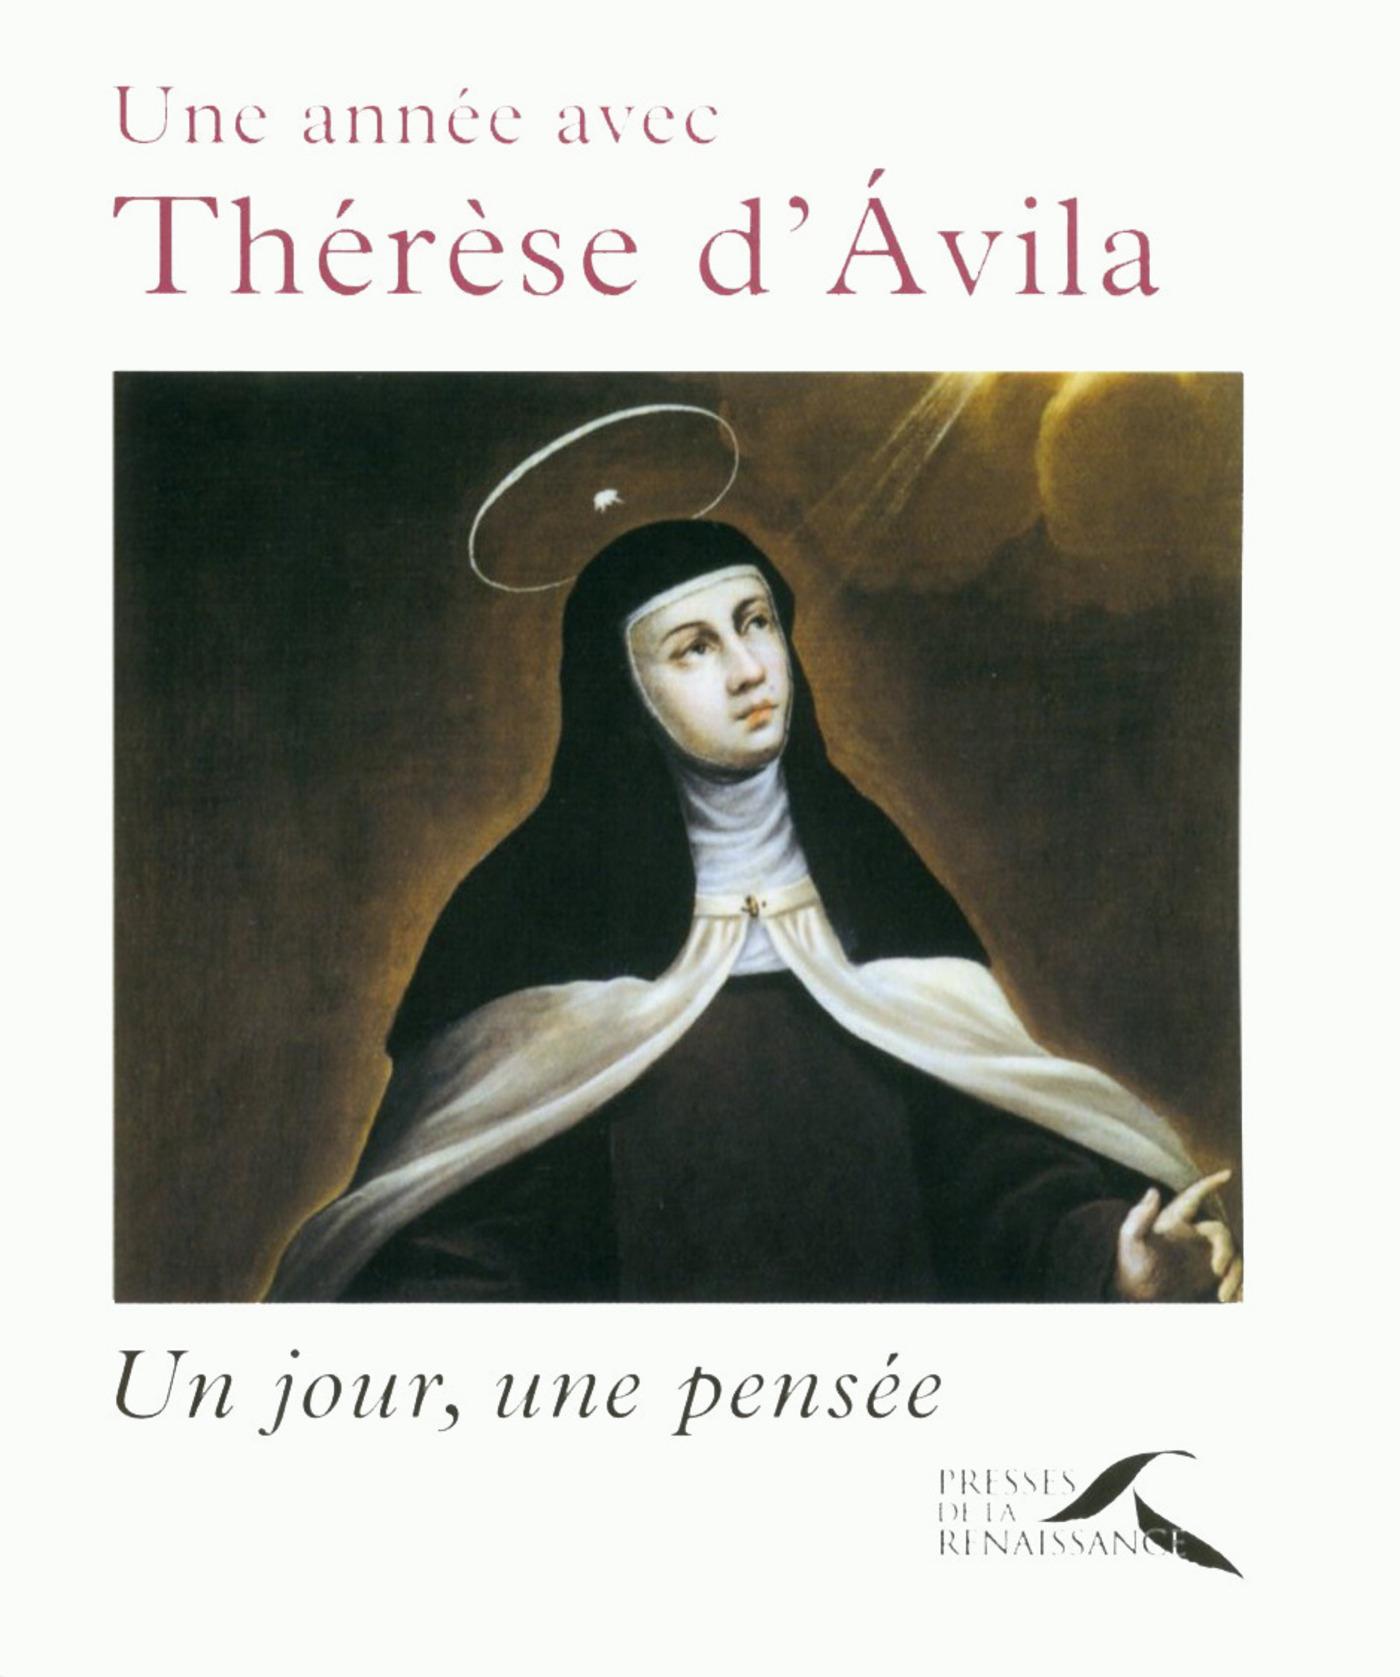 Une année avec Thérèse d'Avila (ebook)